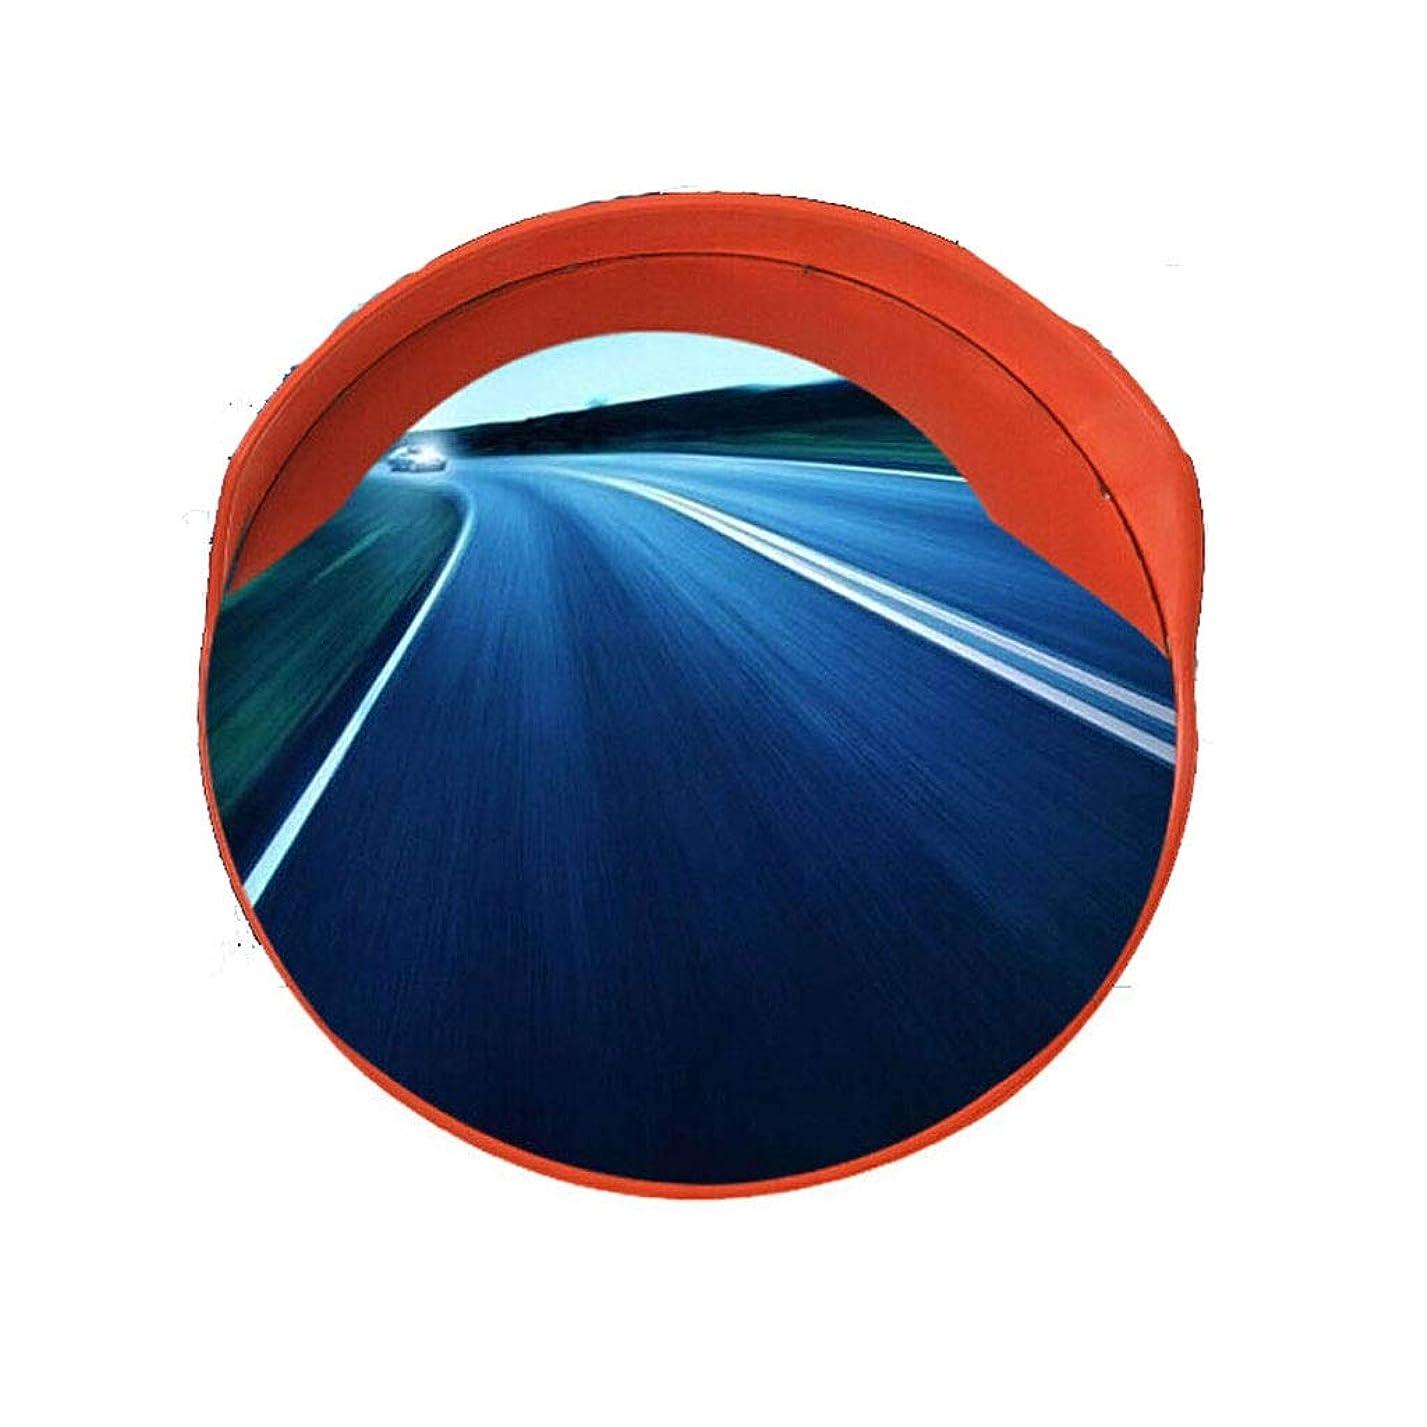 時々悲劇パステルカーブミラー 研修会のガレージの車線の盲点のために防水安全凸面鏡のPCの日焼け止めの耐久財 RGJ11-8 (Size : 60cm)